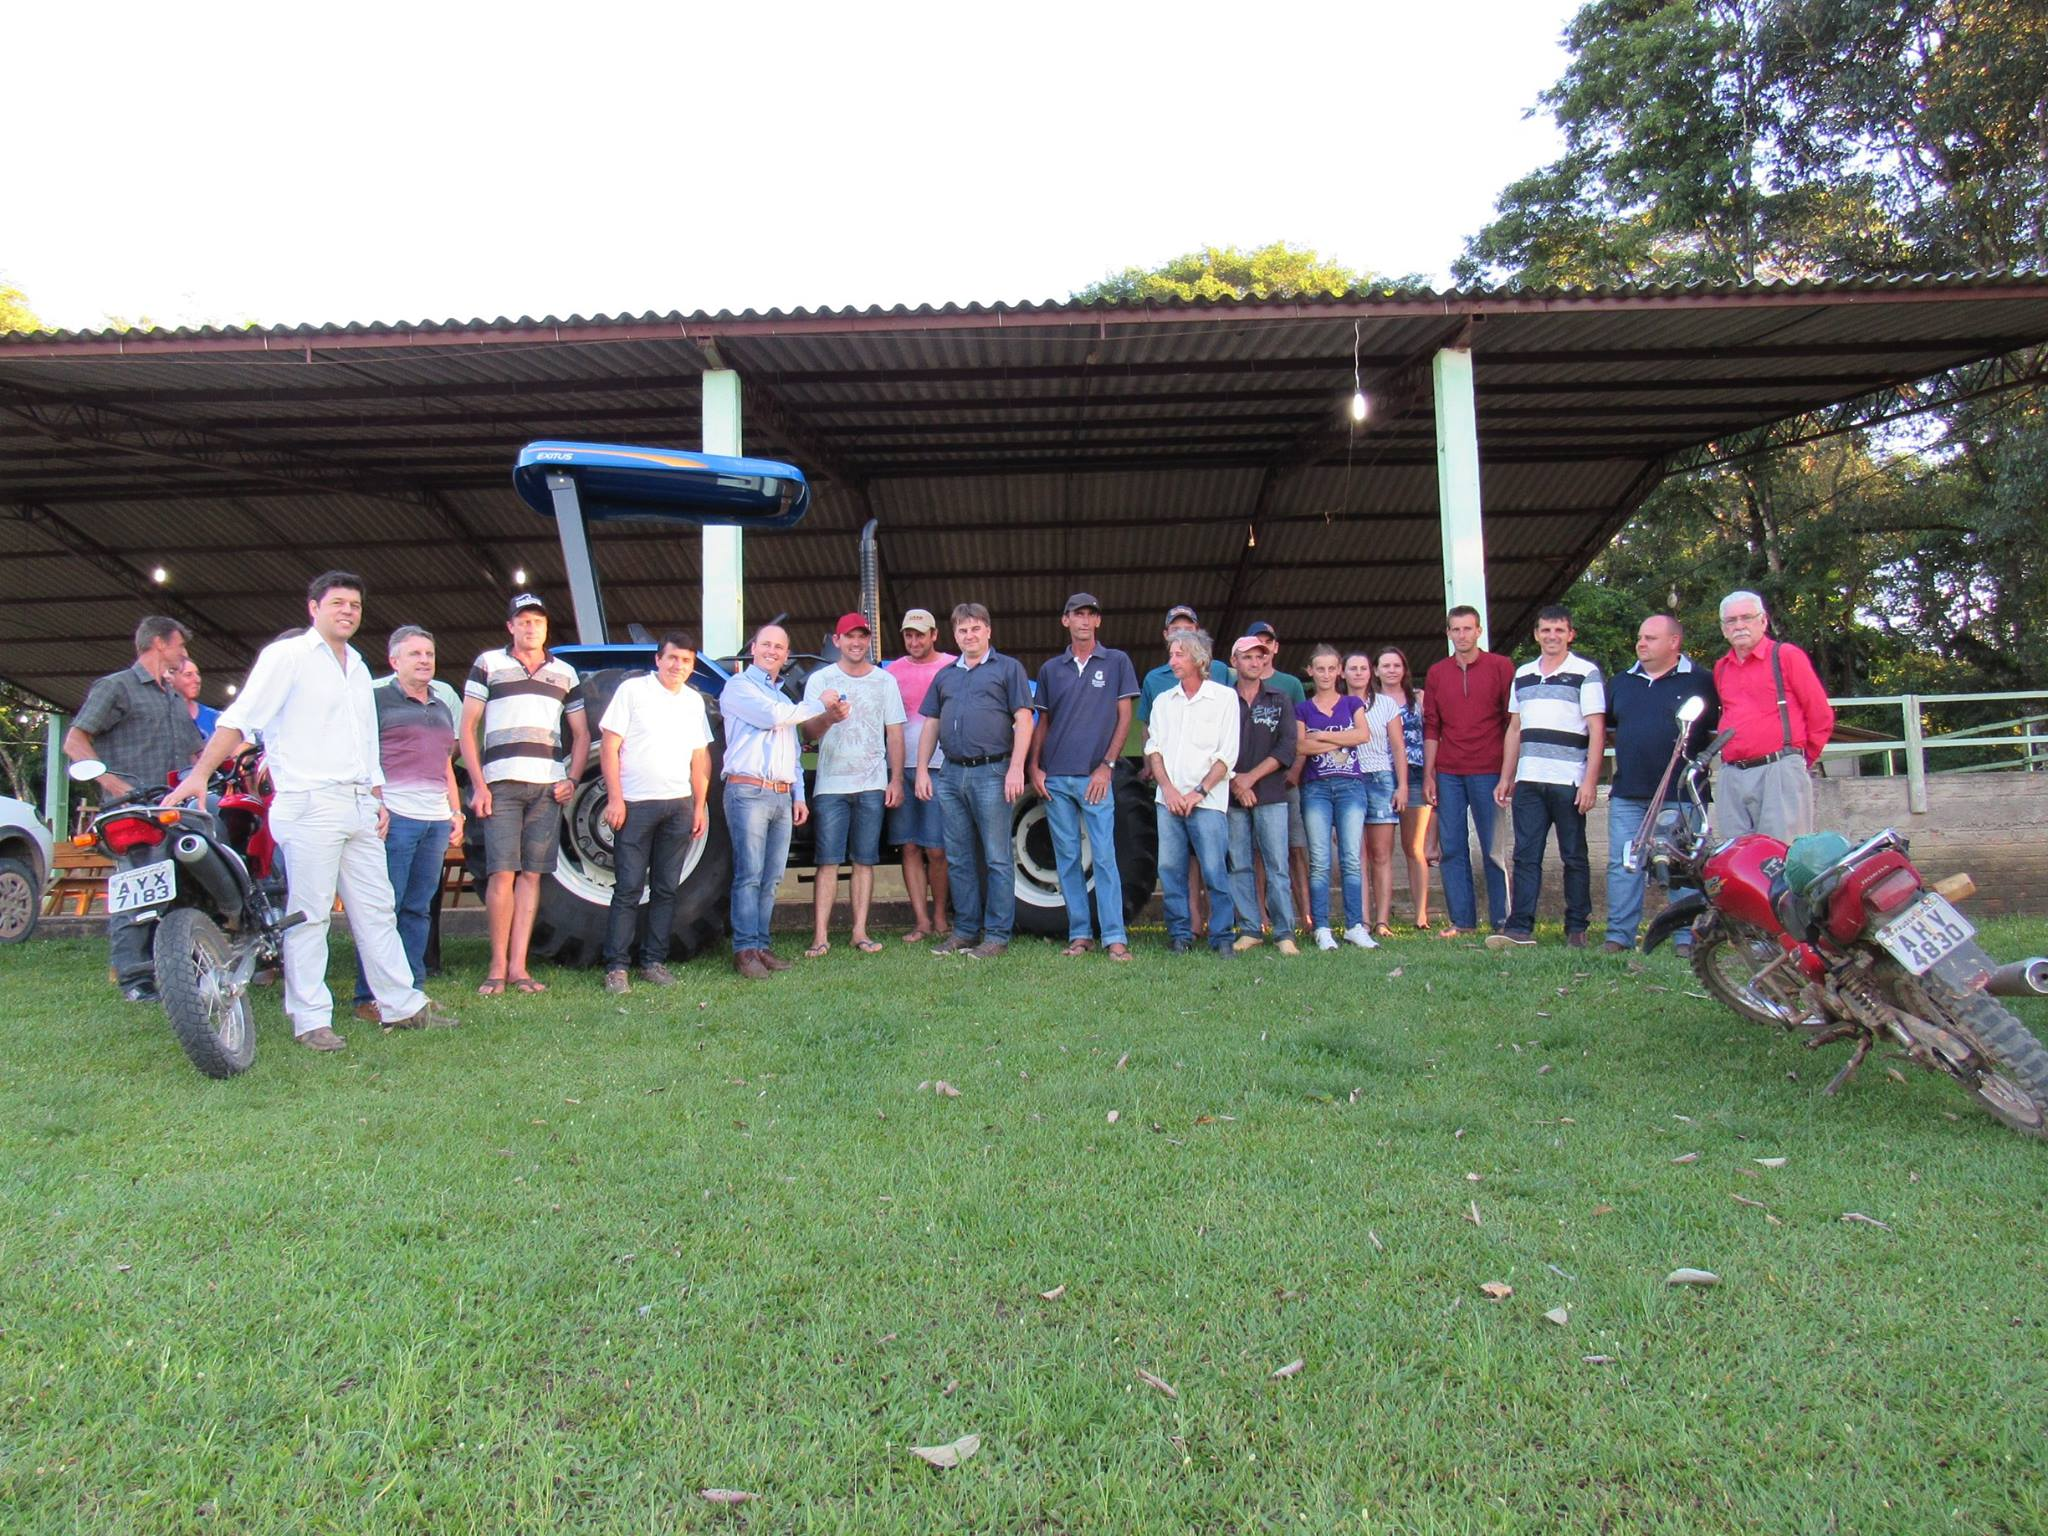 Produtores e lideran�as na entrega das chaves do trator e dos resfriadores em Jaciaba